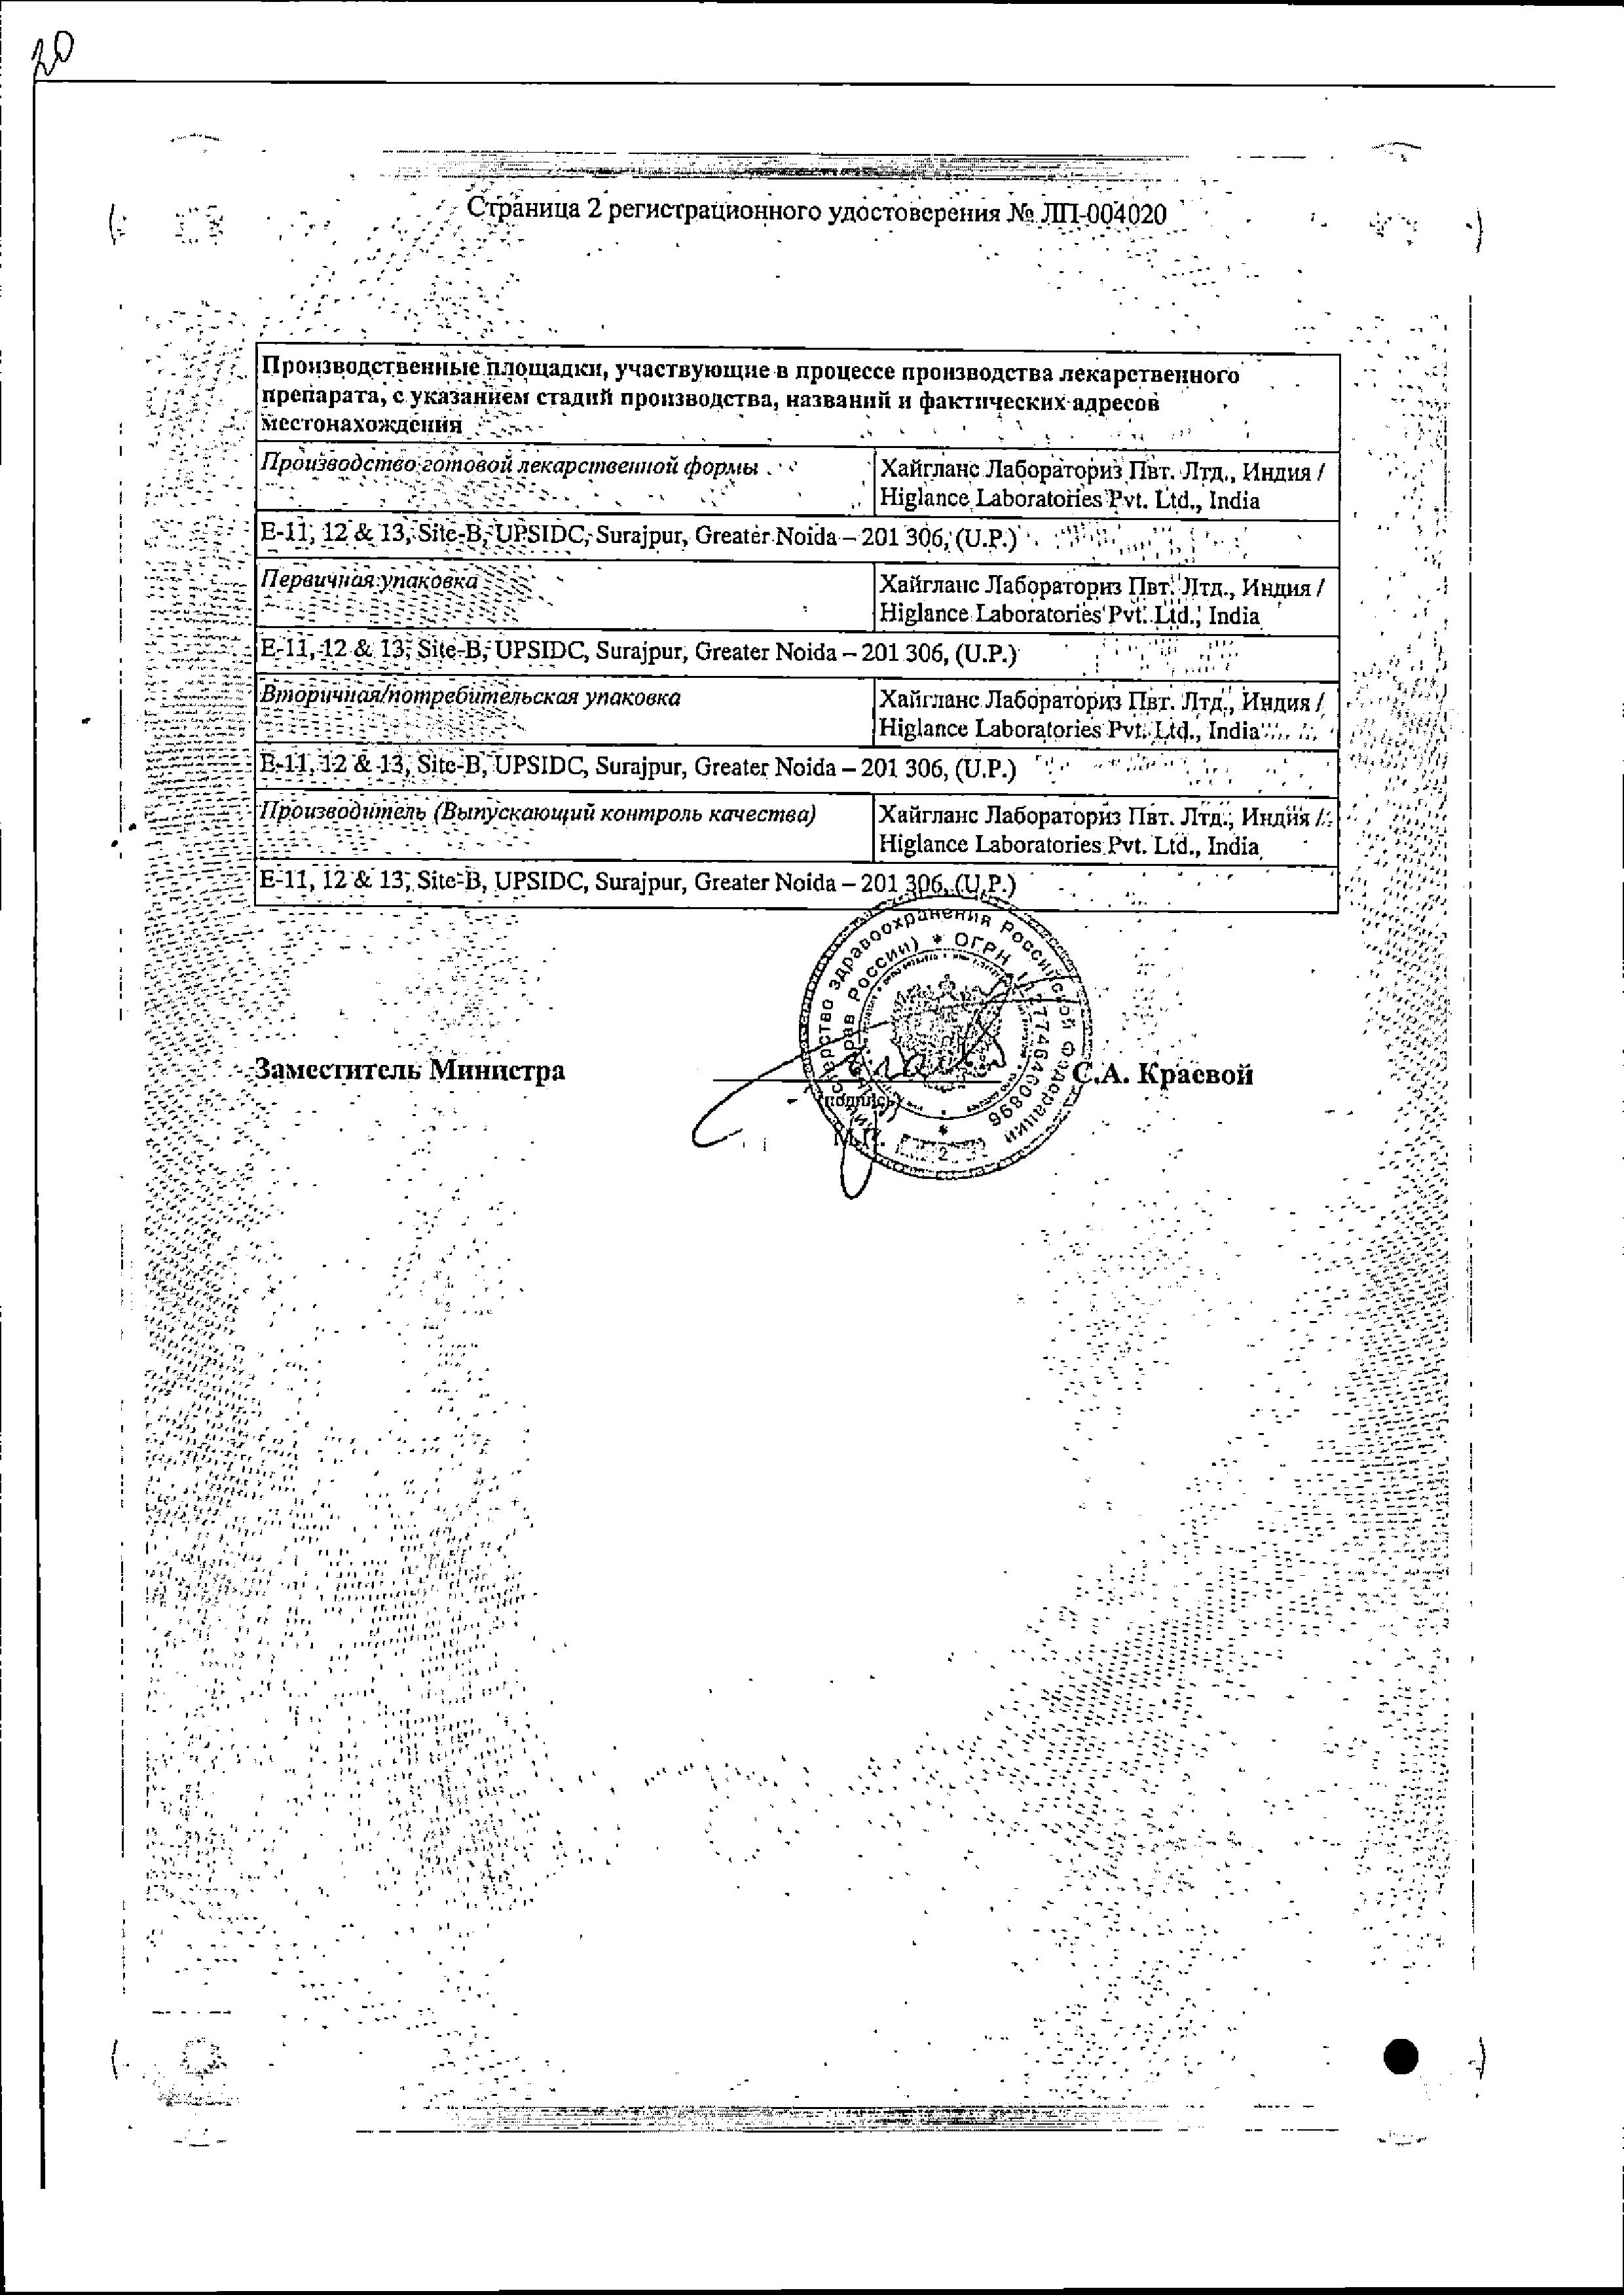 Бруфика Плюс сертификат